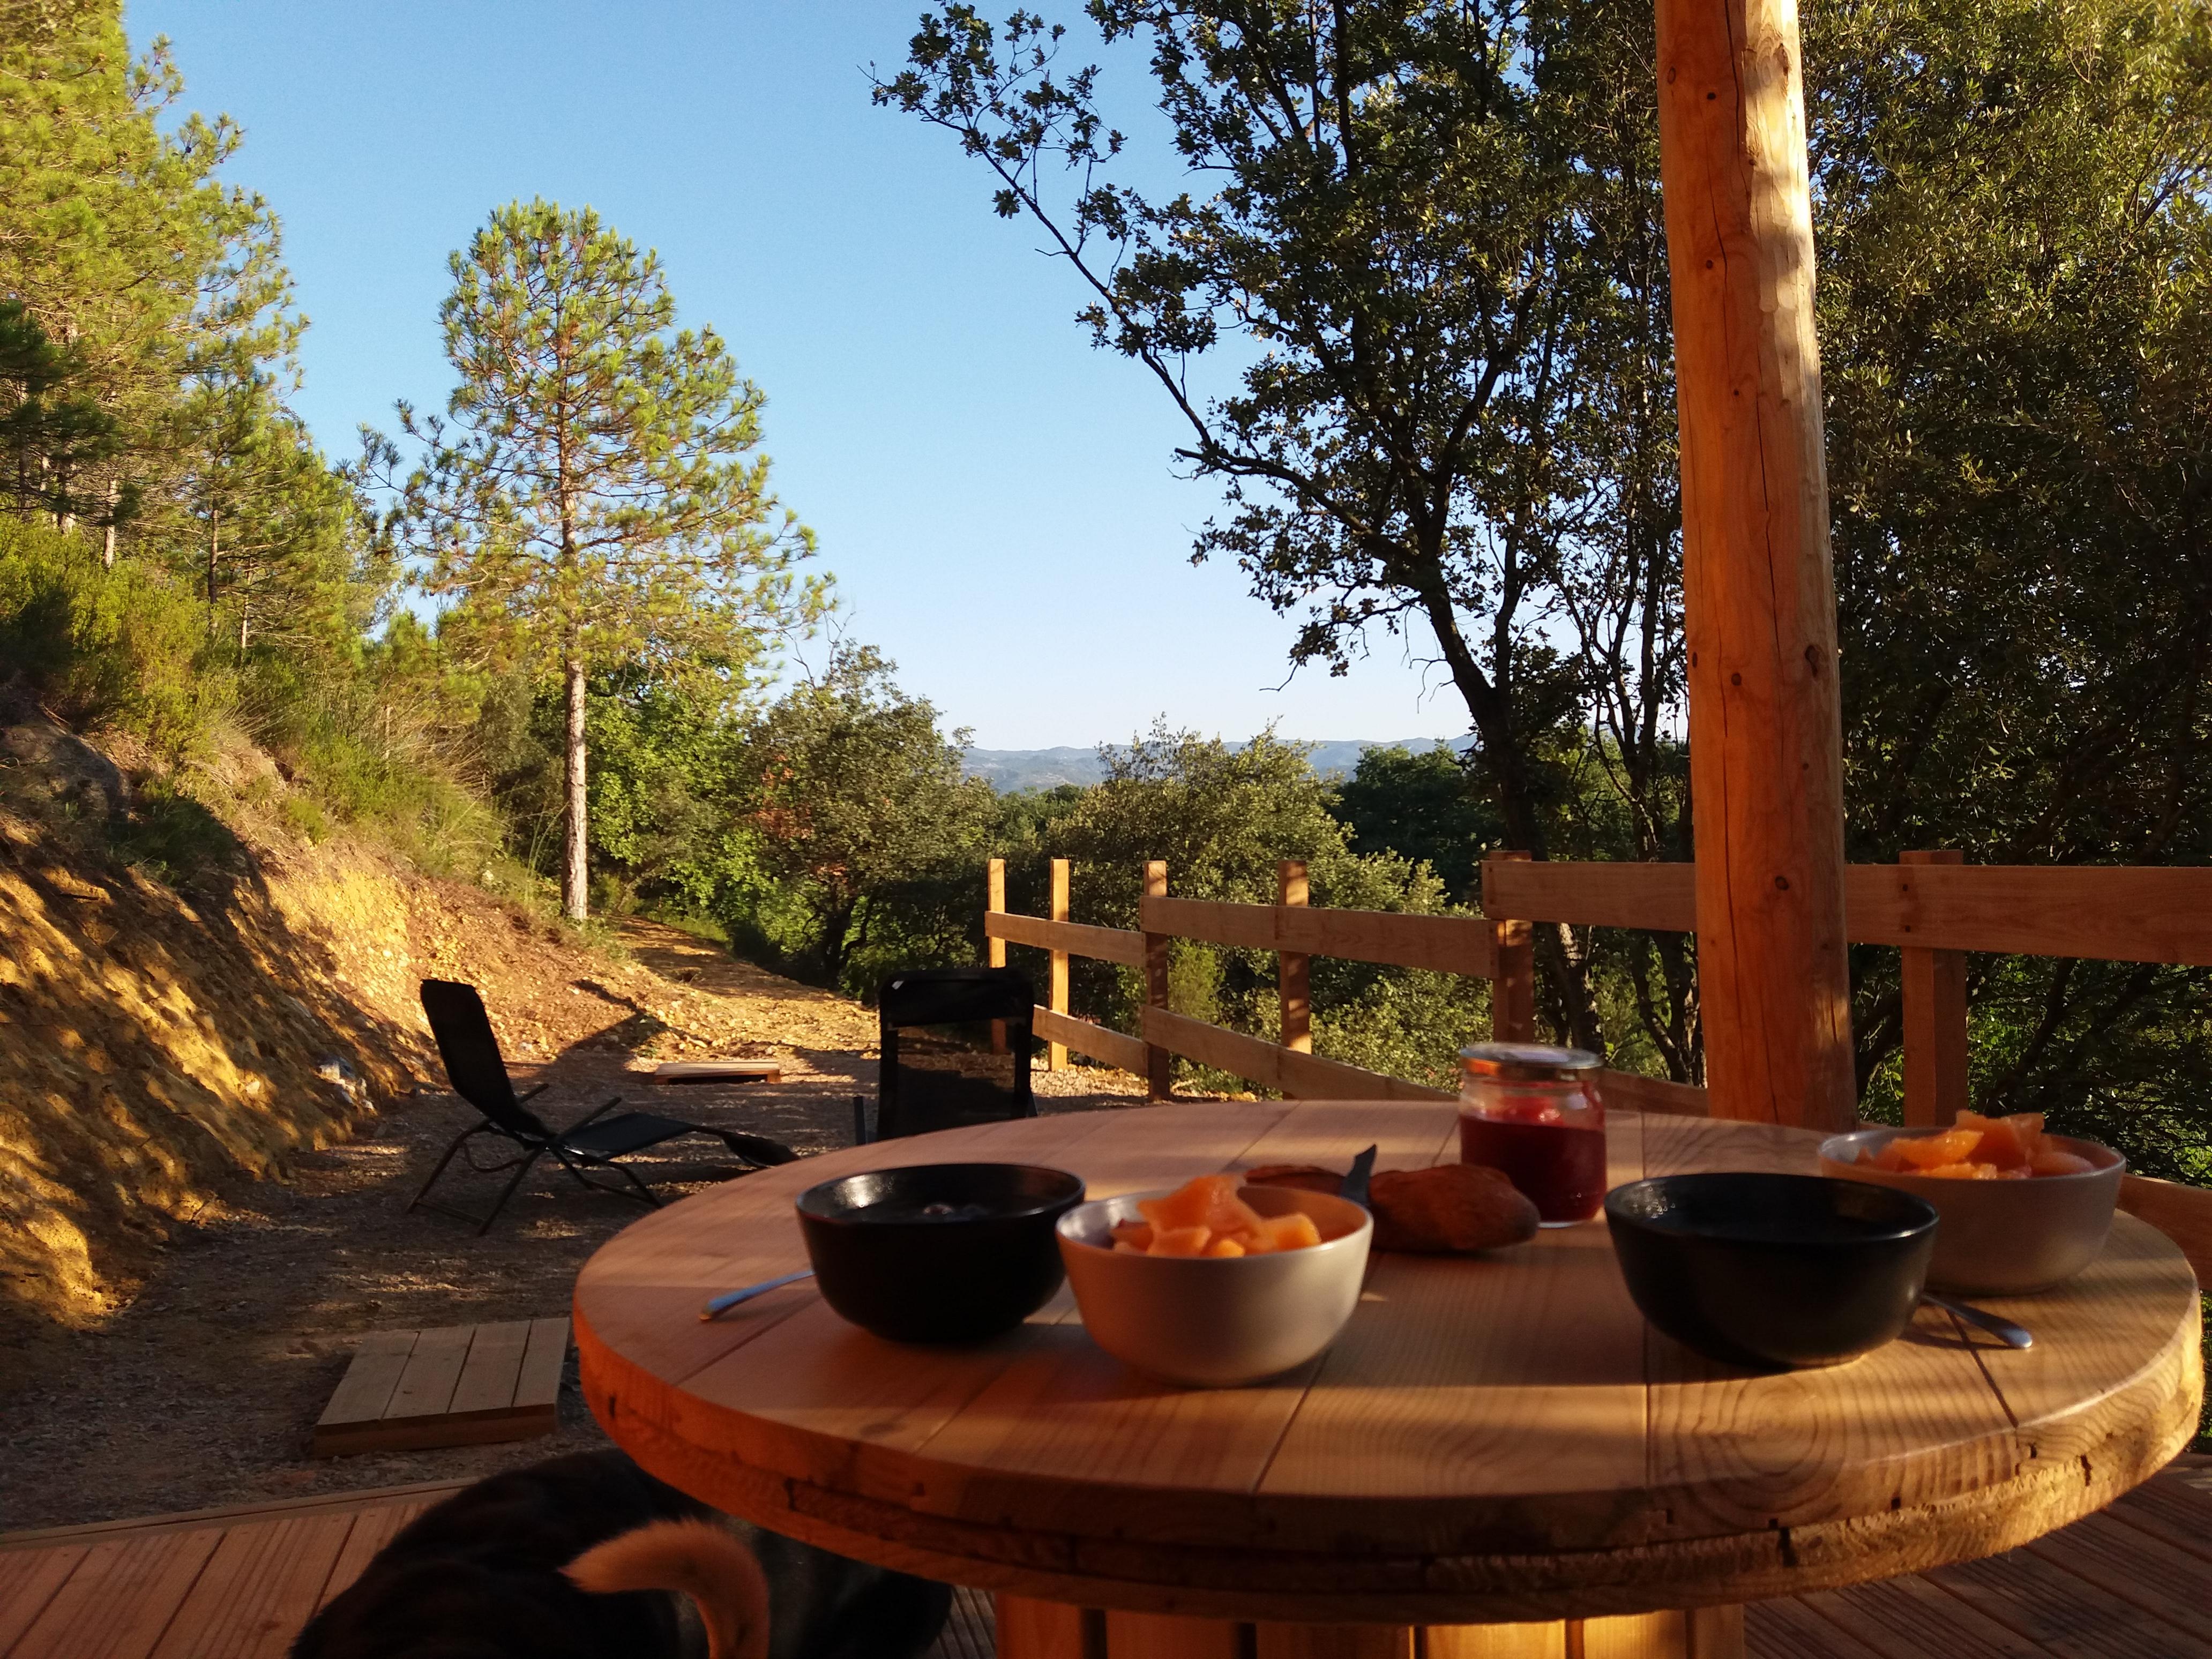 vue extérieure -Terrasse